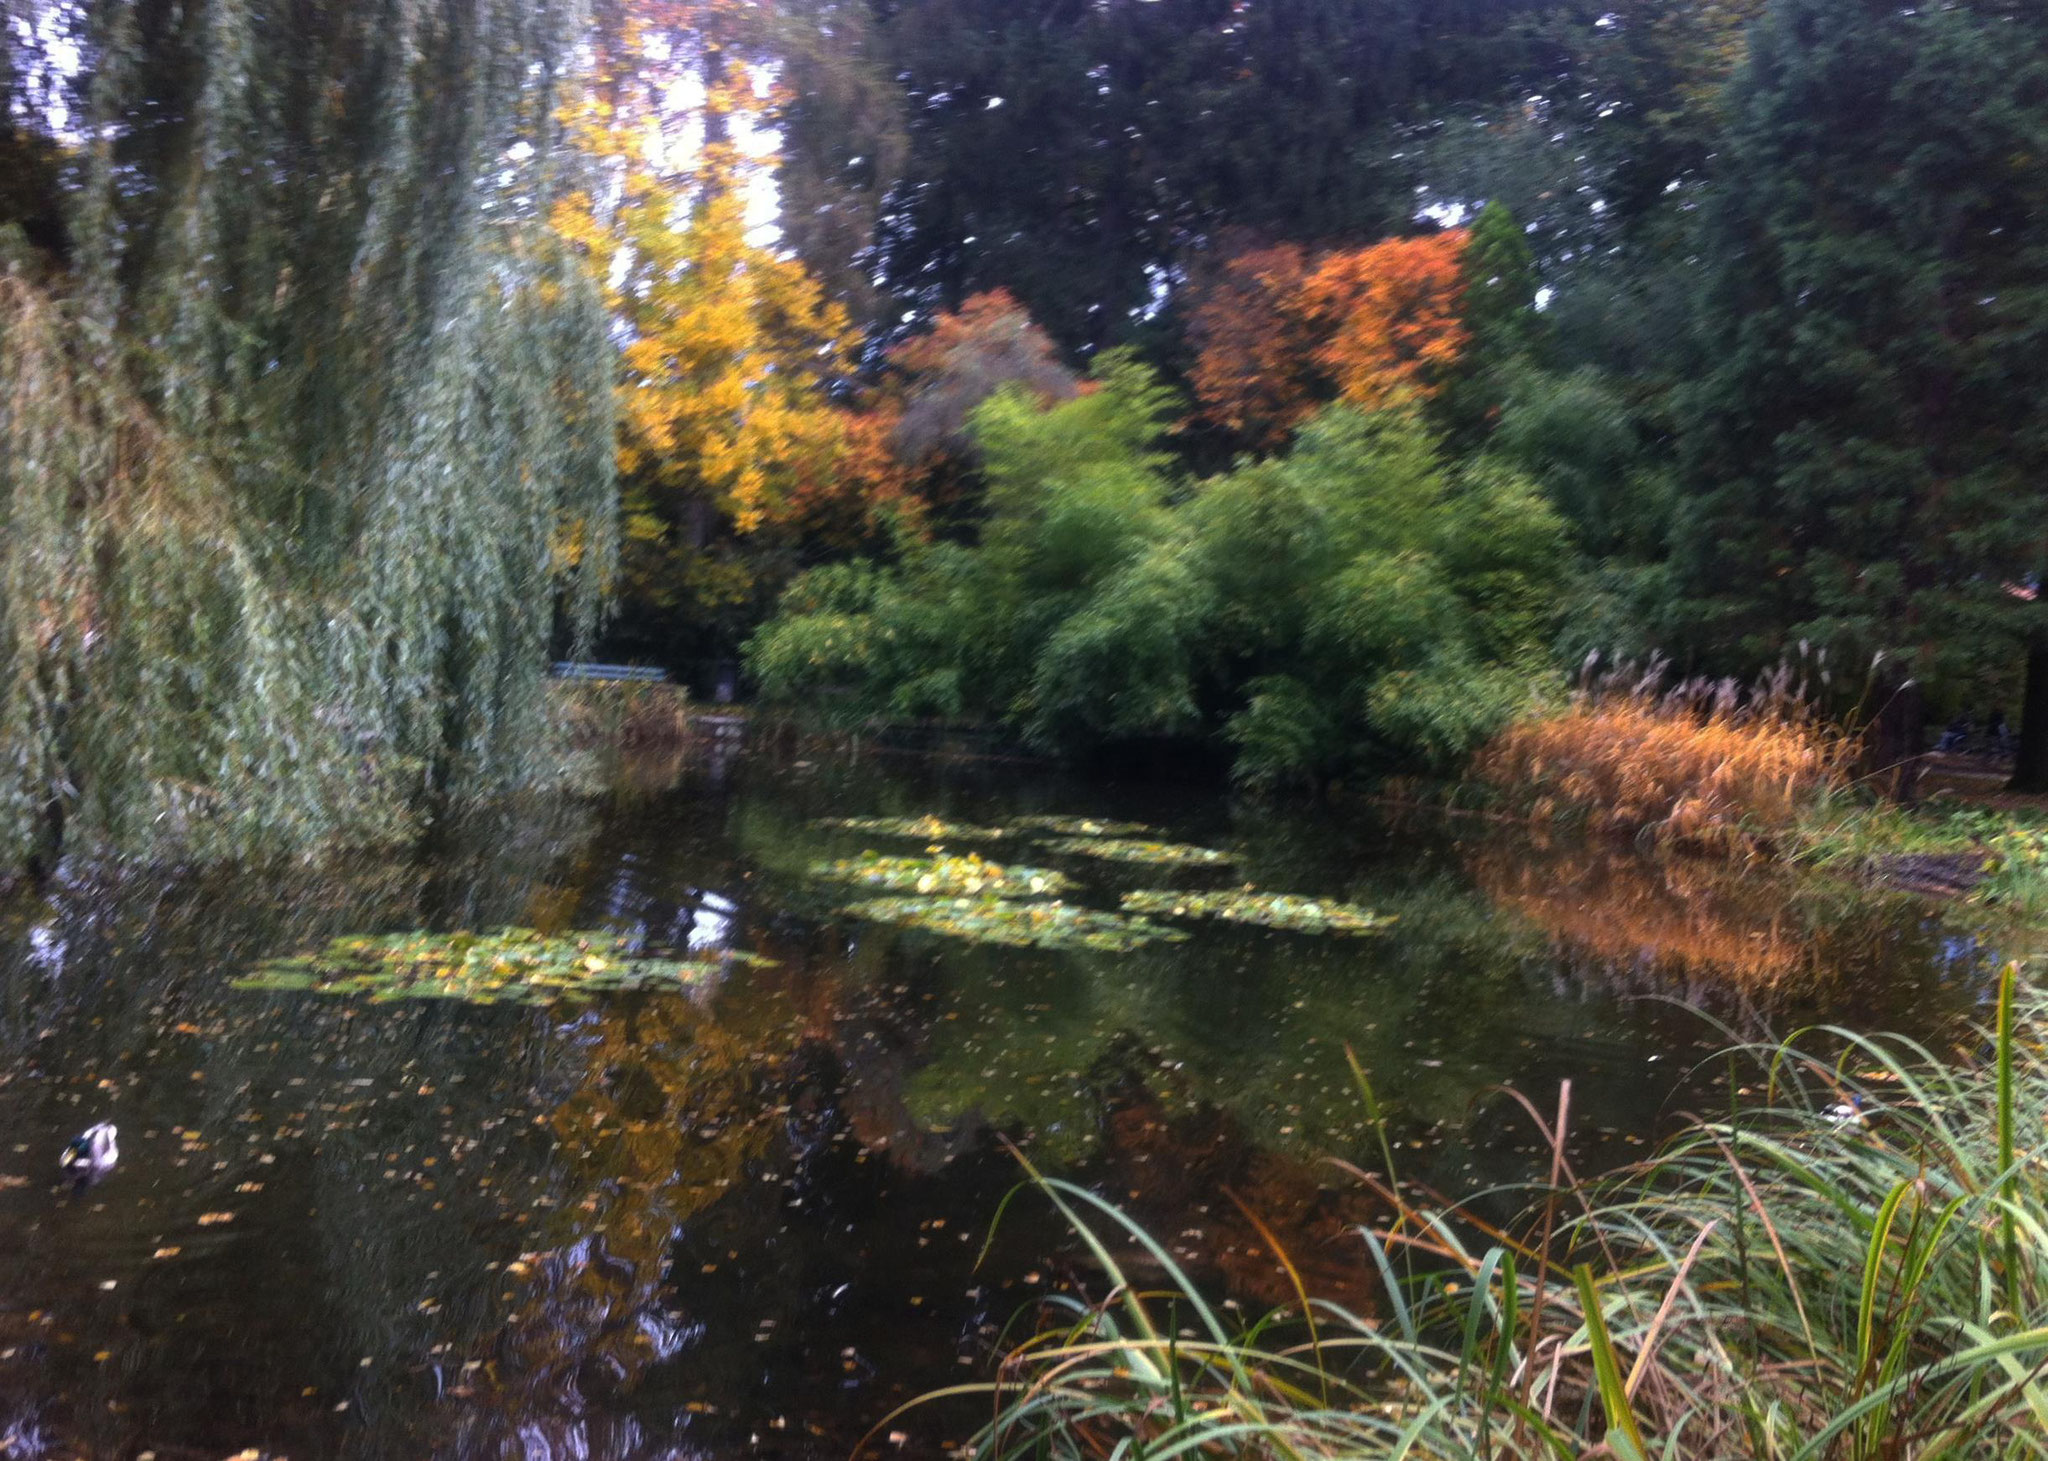 Herbstbeginn im Innsbrucker Hofgarten Anfang Okt. 2017